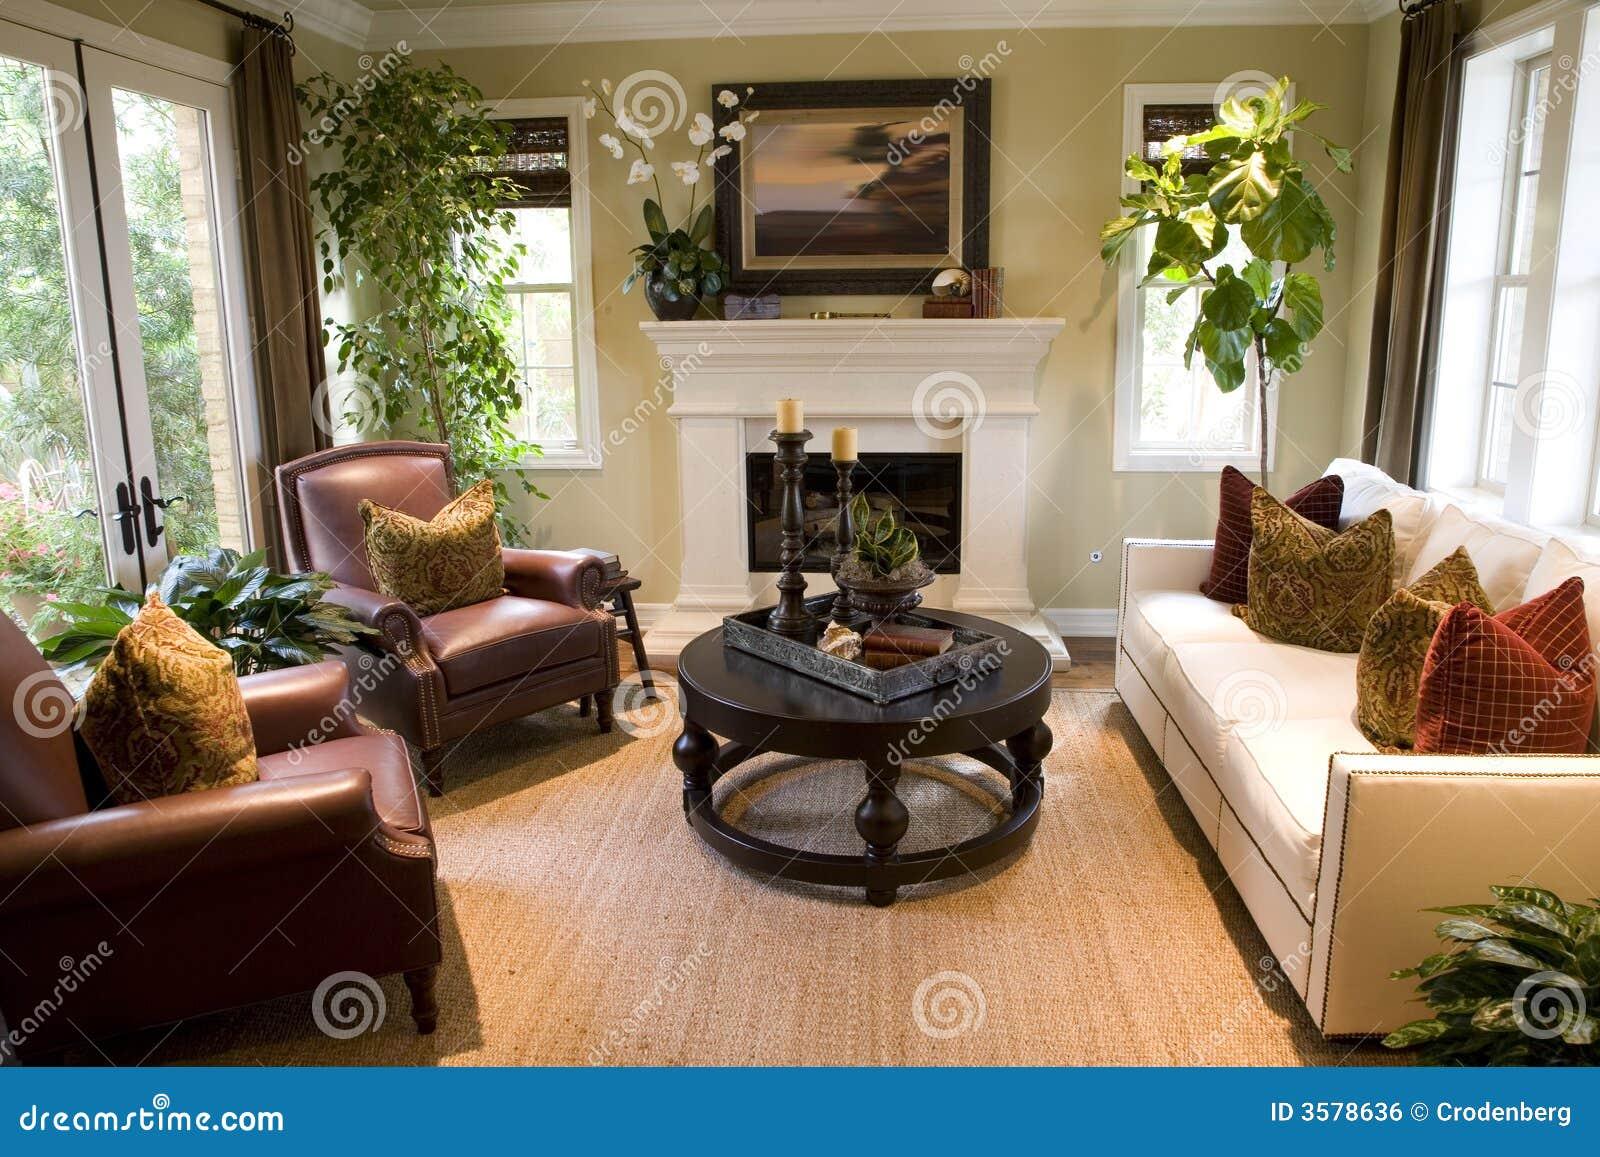 Comfortabele woonkamer.